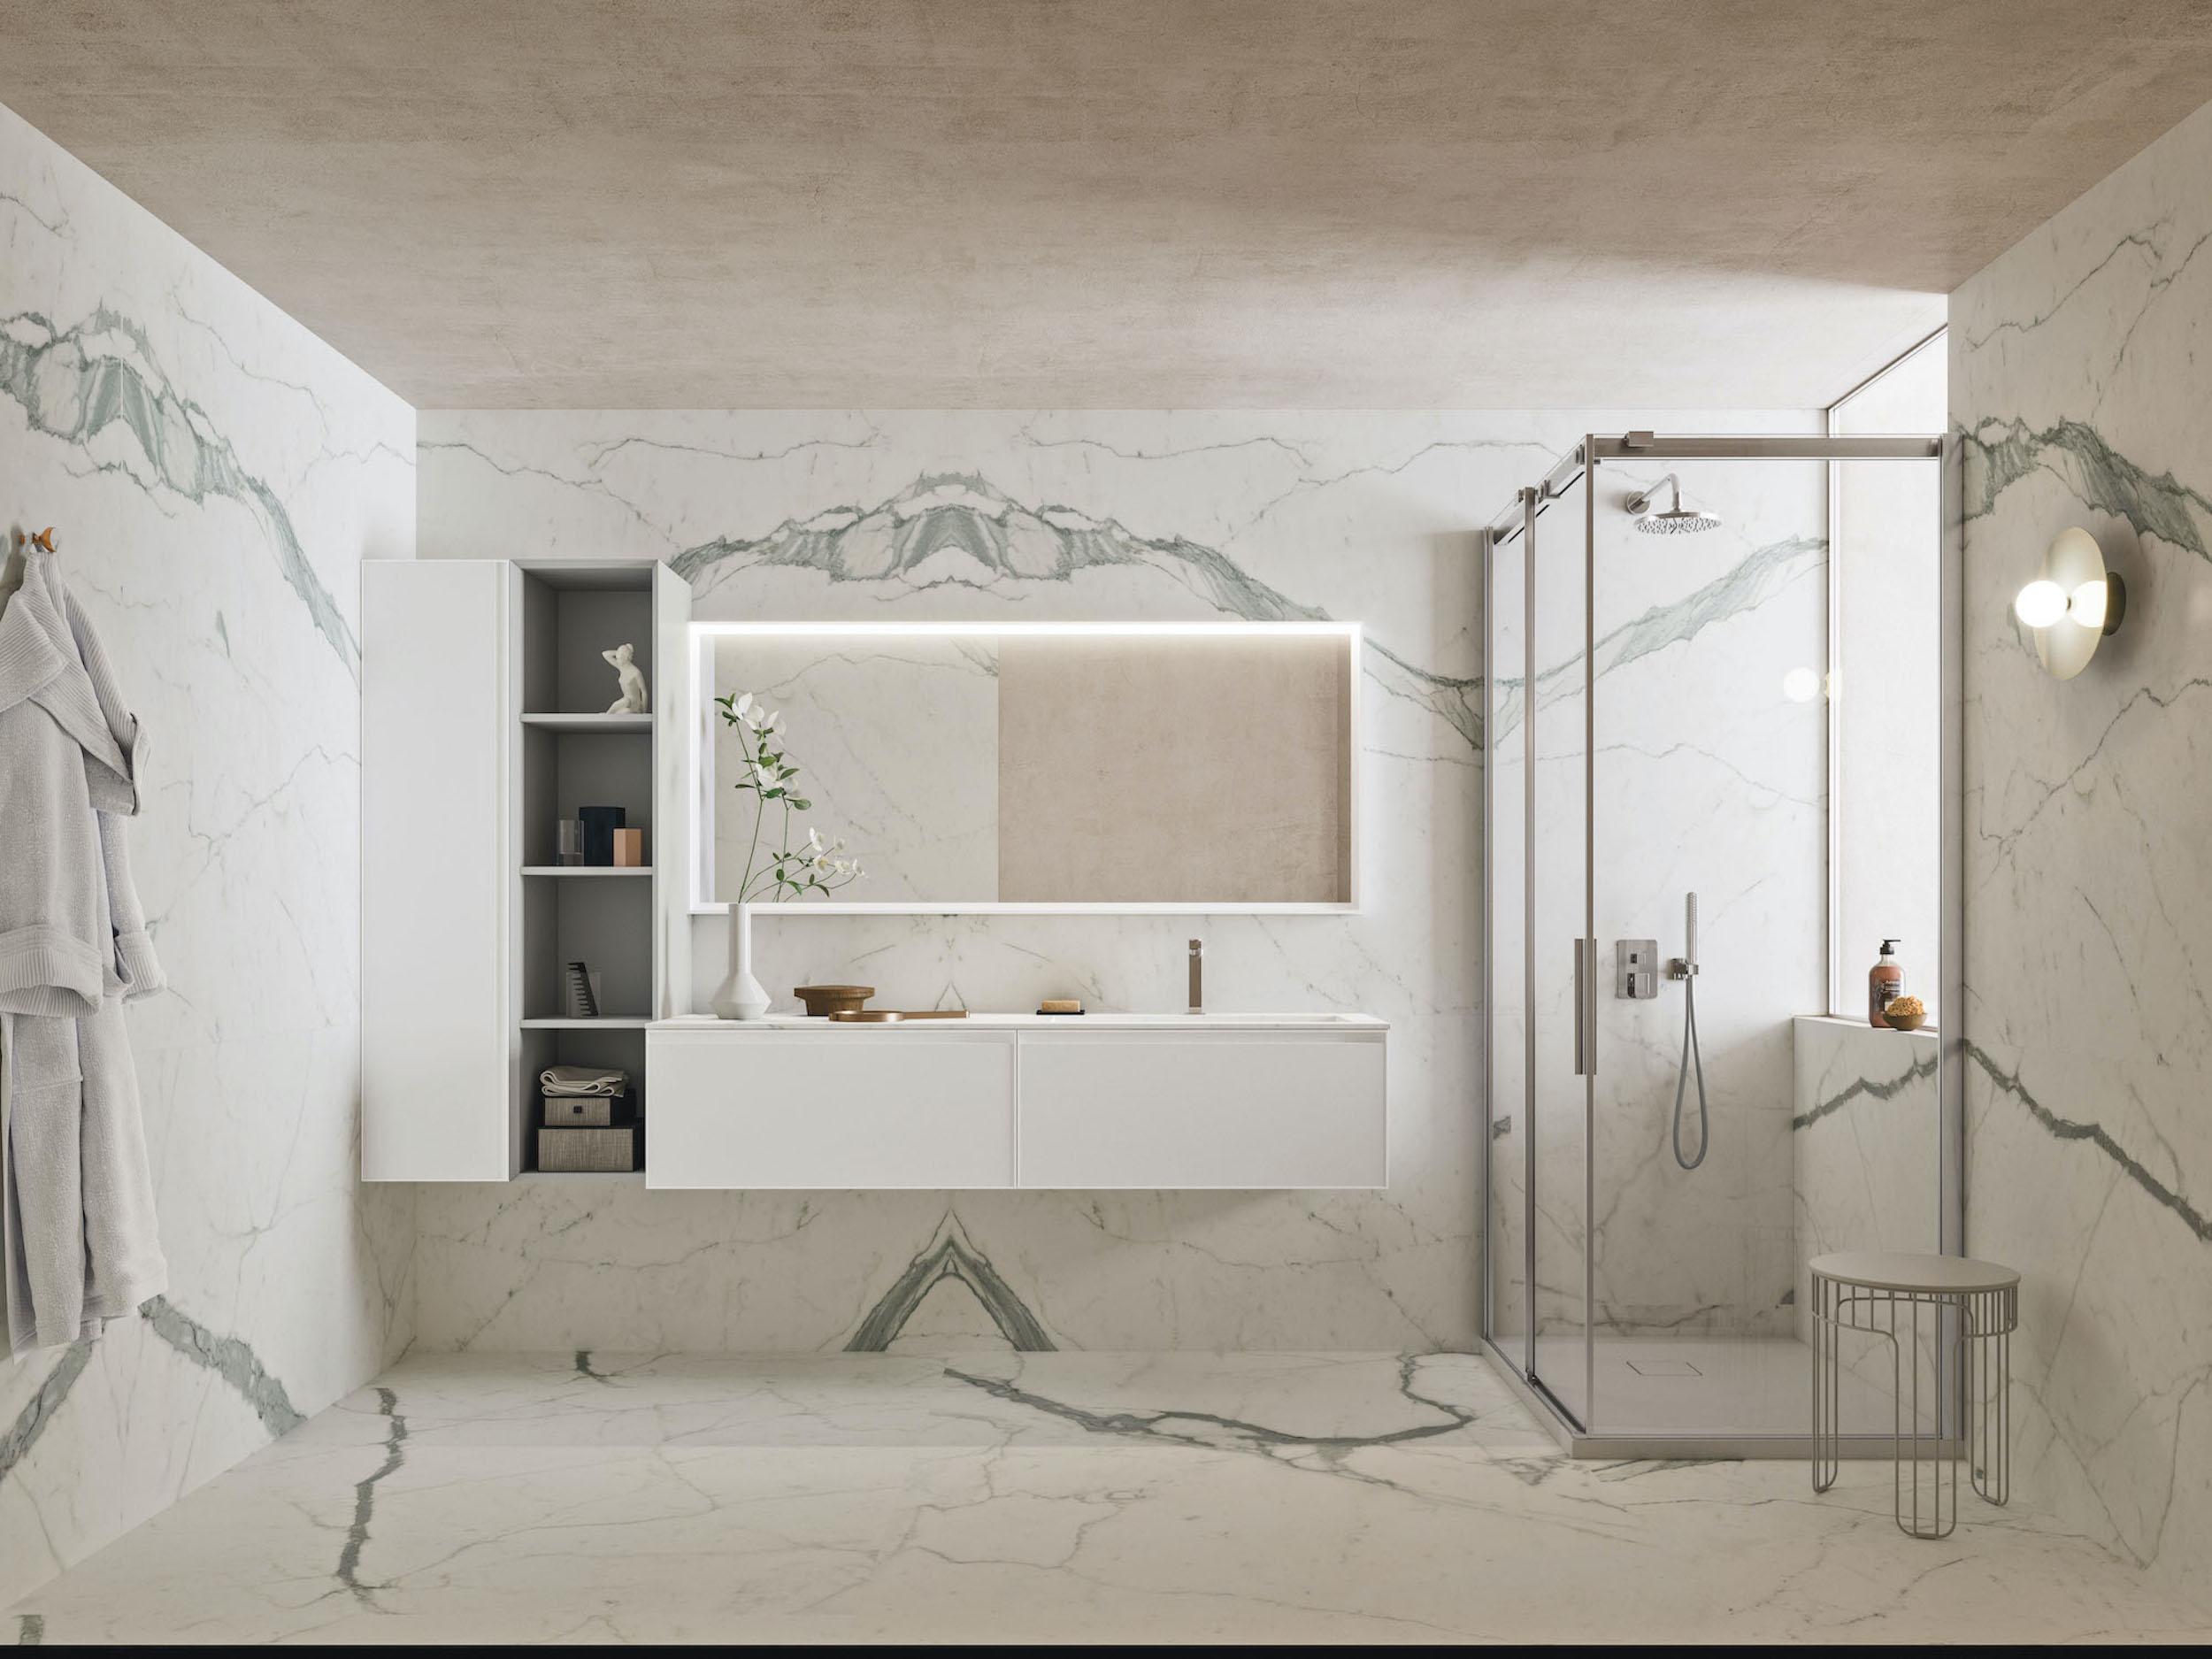 Proposte Di Arredo Bagno arbi arredobagno : proposte arredo bagno total white - bagno